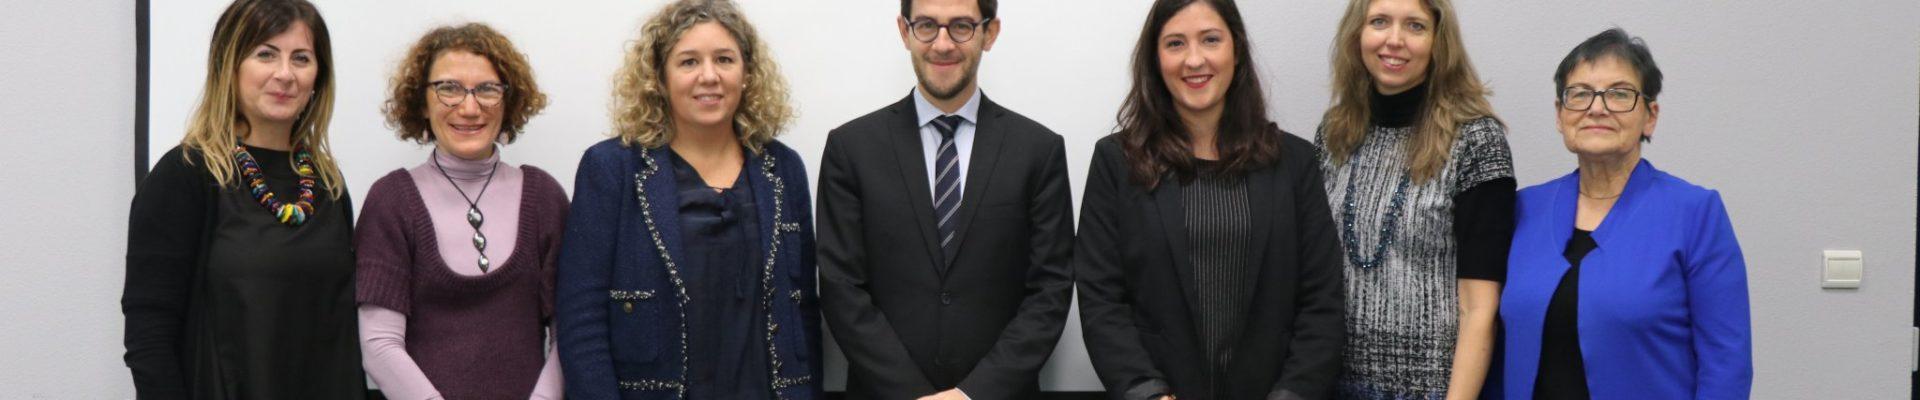 """ECIPA Umbria GOES TO LYON TO SHARE """"HOW TO TEACH PROFESSIONS"""" – ECIPA Umbria VOLA A LIONE PER CONDIVIDERE """"COME INSEGNARE I MESTIERI"""""""